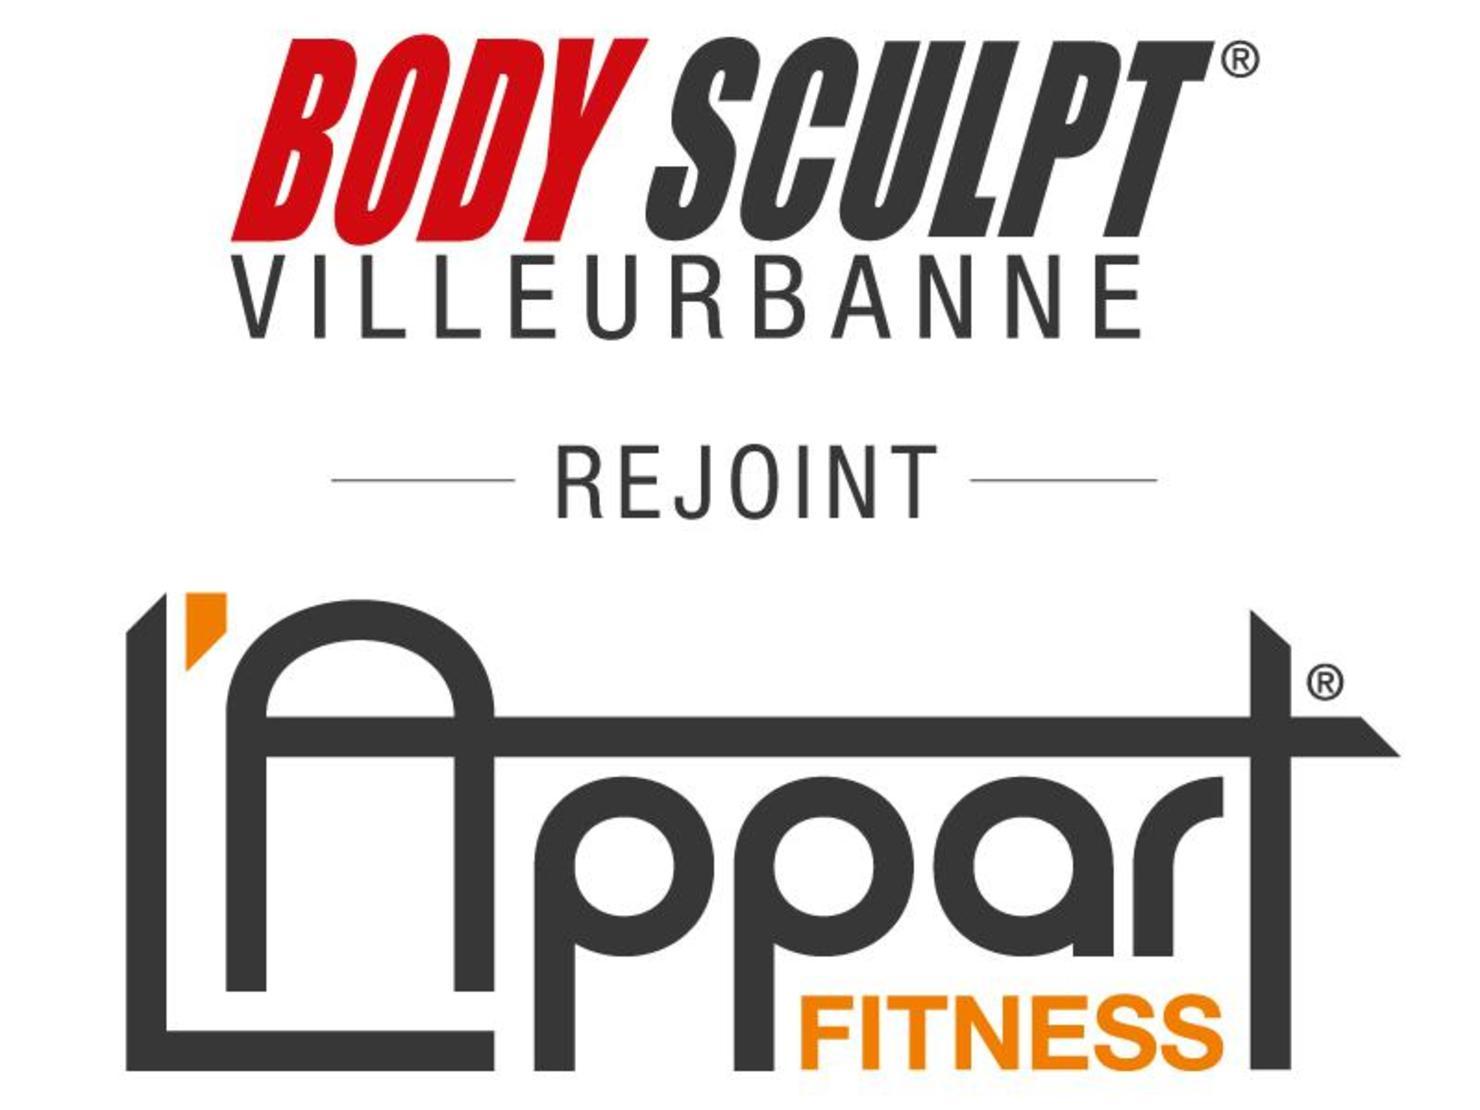 L'Appart Fitness Villeurbanne-0